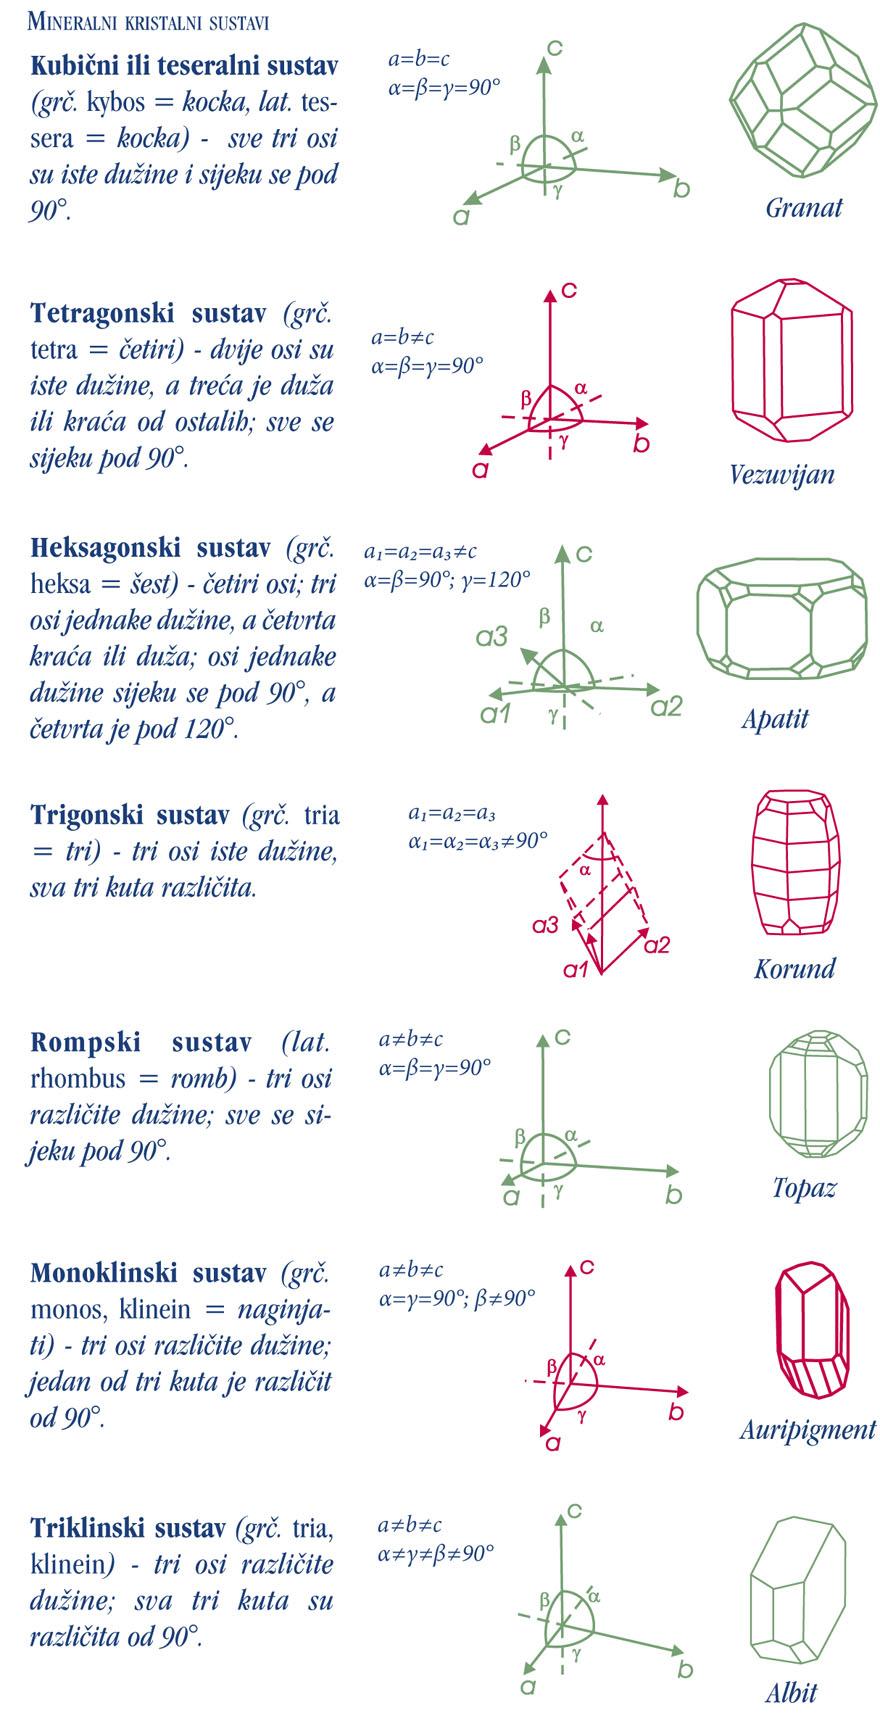 mineralni kristalni sustavi